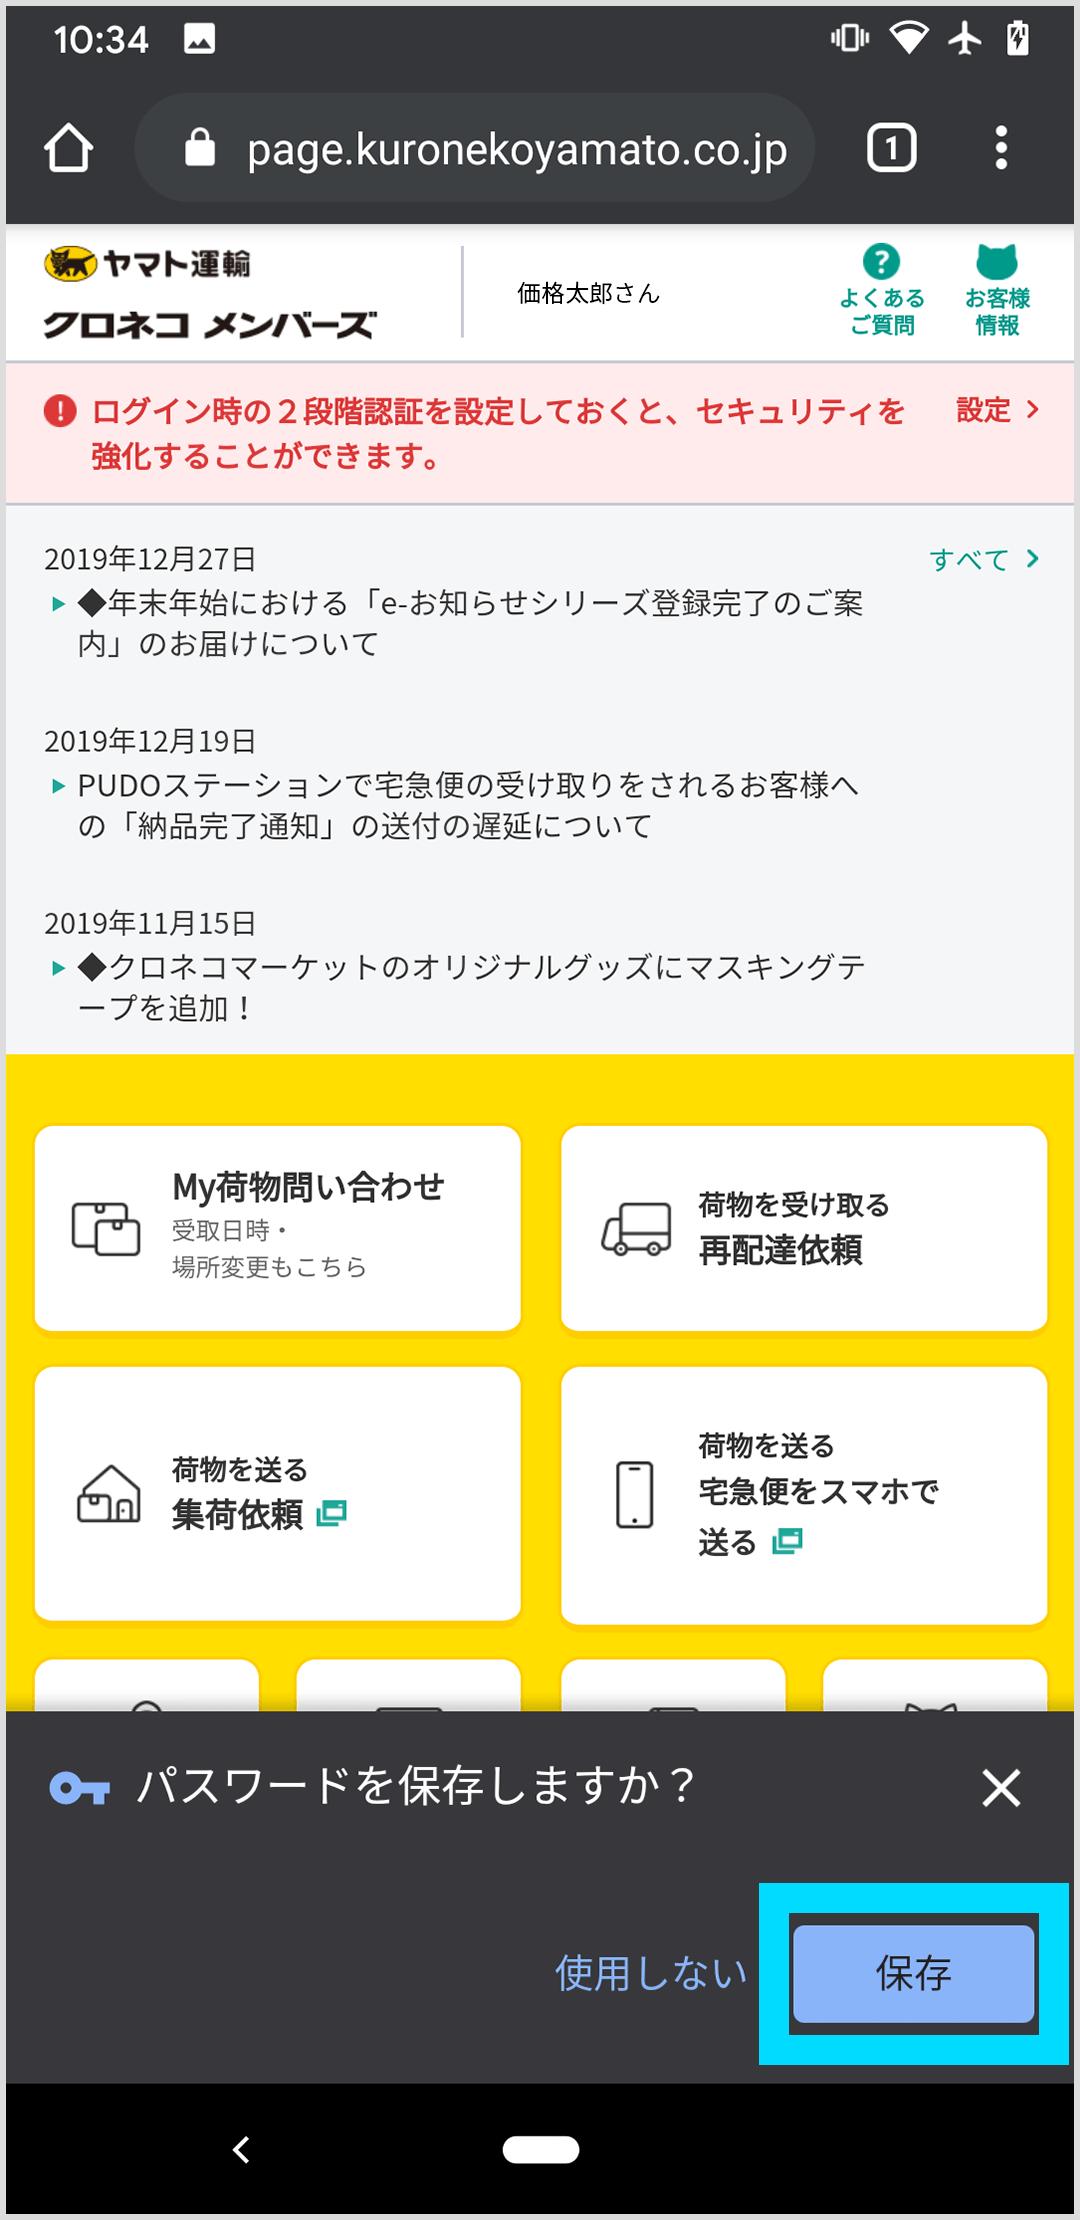 Android - Chrome三点リーダタップ後の画面